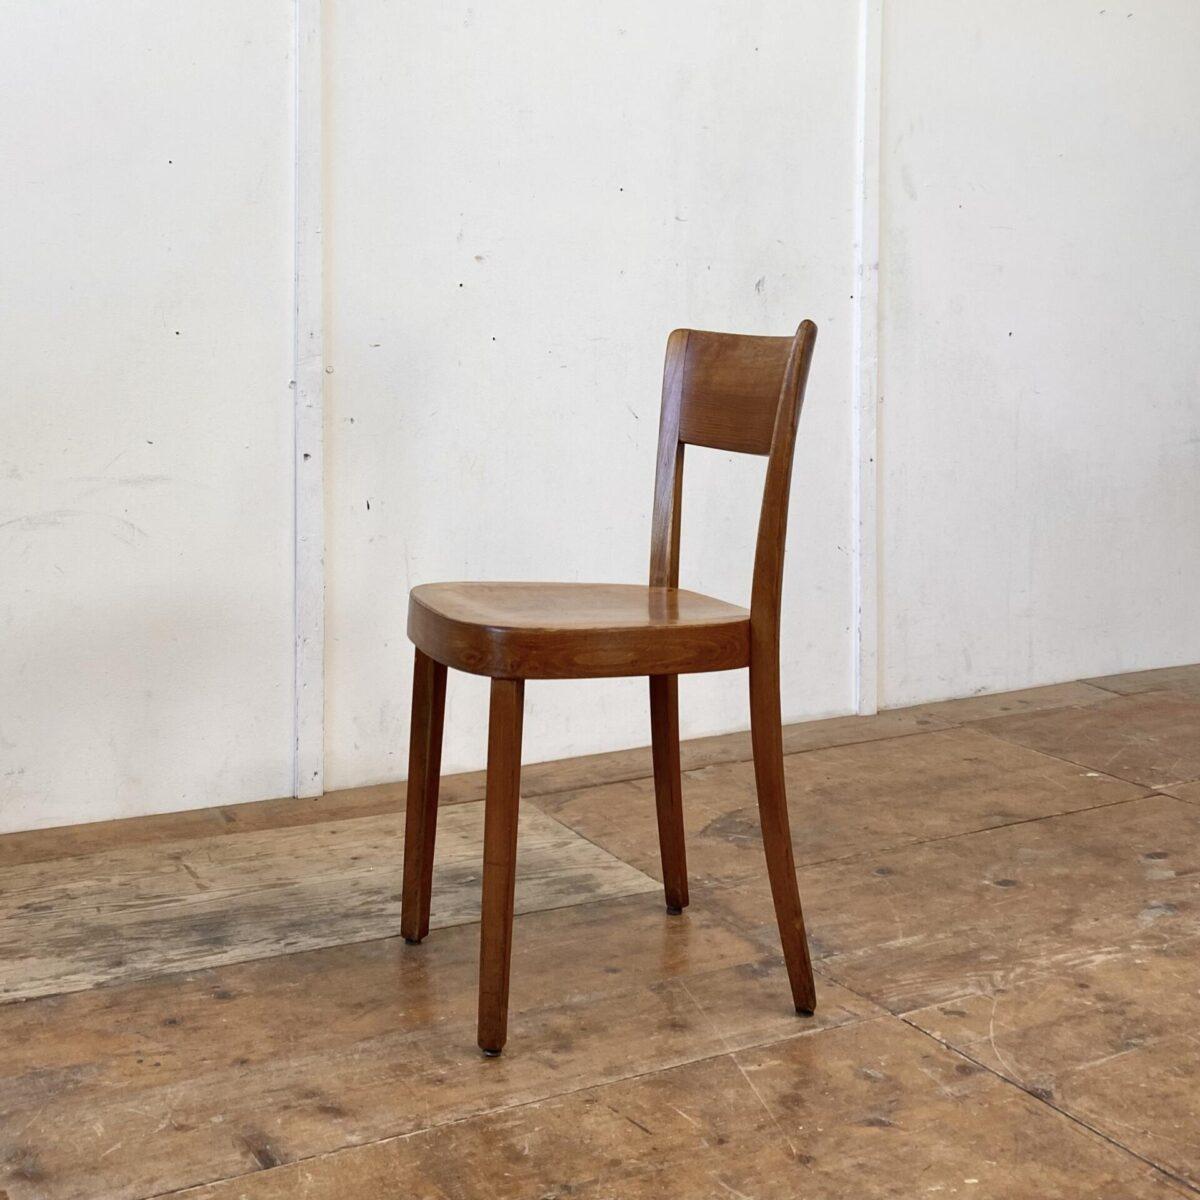 Deuxieme.shop horgenglaruschairs. 5er Set Beizenstühle mit Kastanienbrauner Alterspatina, von Horgenglarus. Die Stühle sind in gutem stabilen Zustand, technische Mängel wie wacklige Vorderbeine sind frisch eingeleimt. Zwei Stühle haben vorne leider eine durchgehende Schraube. Zwei weitere Stühle in ähnlicher Form sind auf den letzten Bildern.